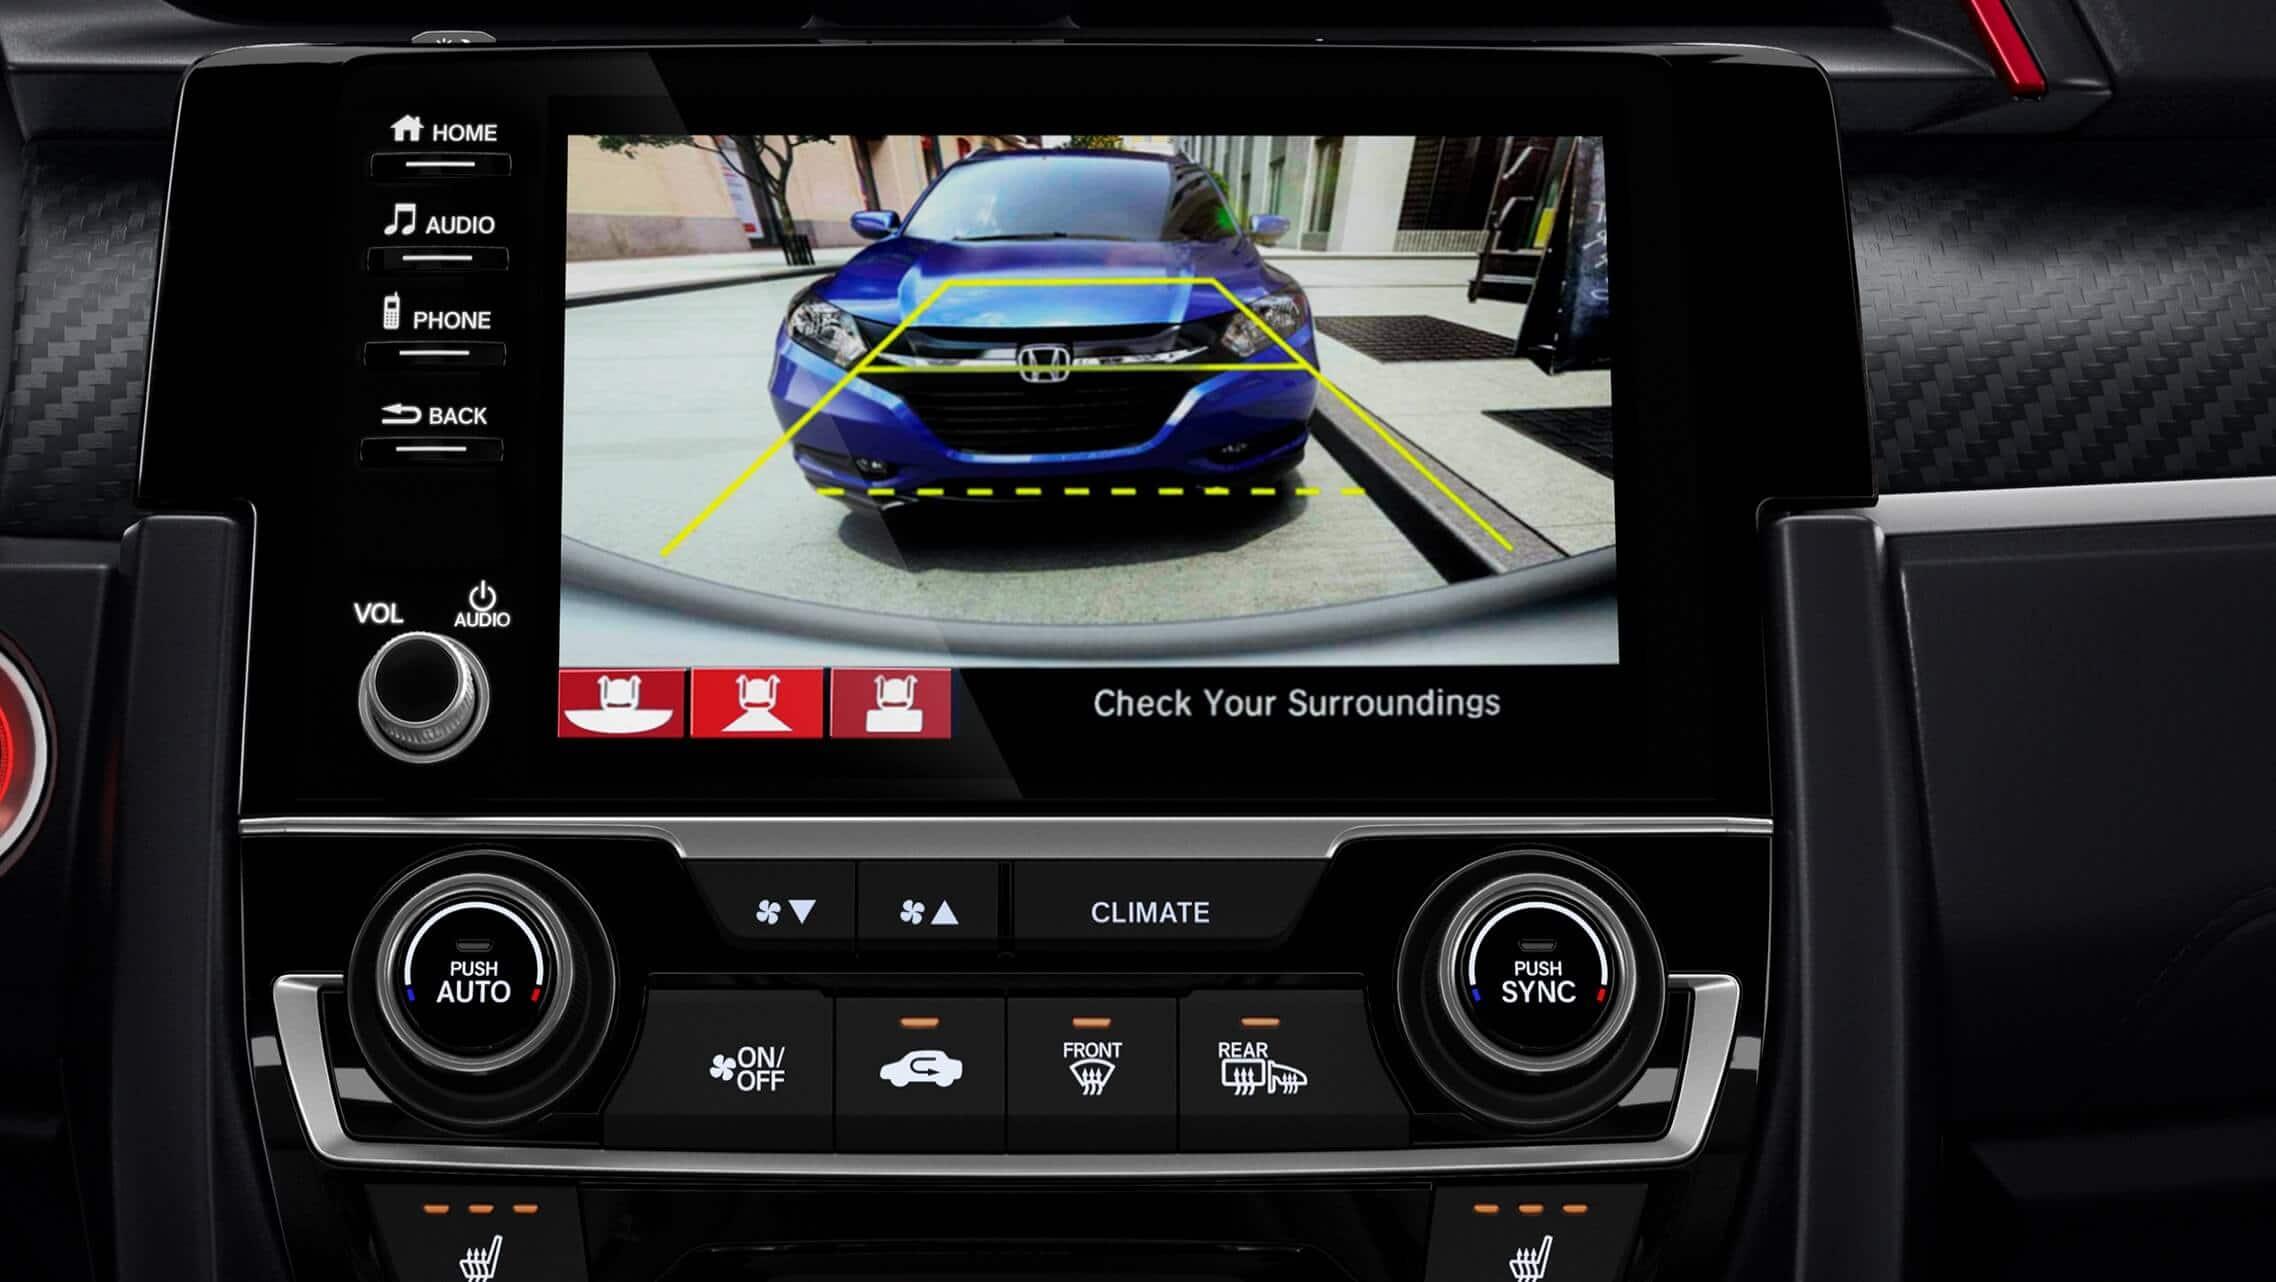 Detalle de la cámara de reversa multiángulo en la pantalla de 7pulgadas del sistema de audio del Honda Civic Si Coupé2020.